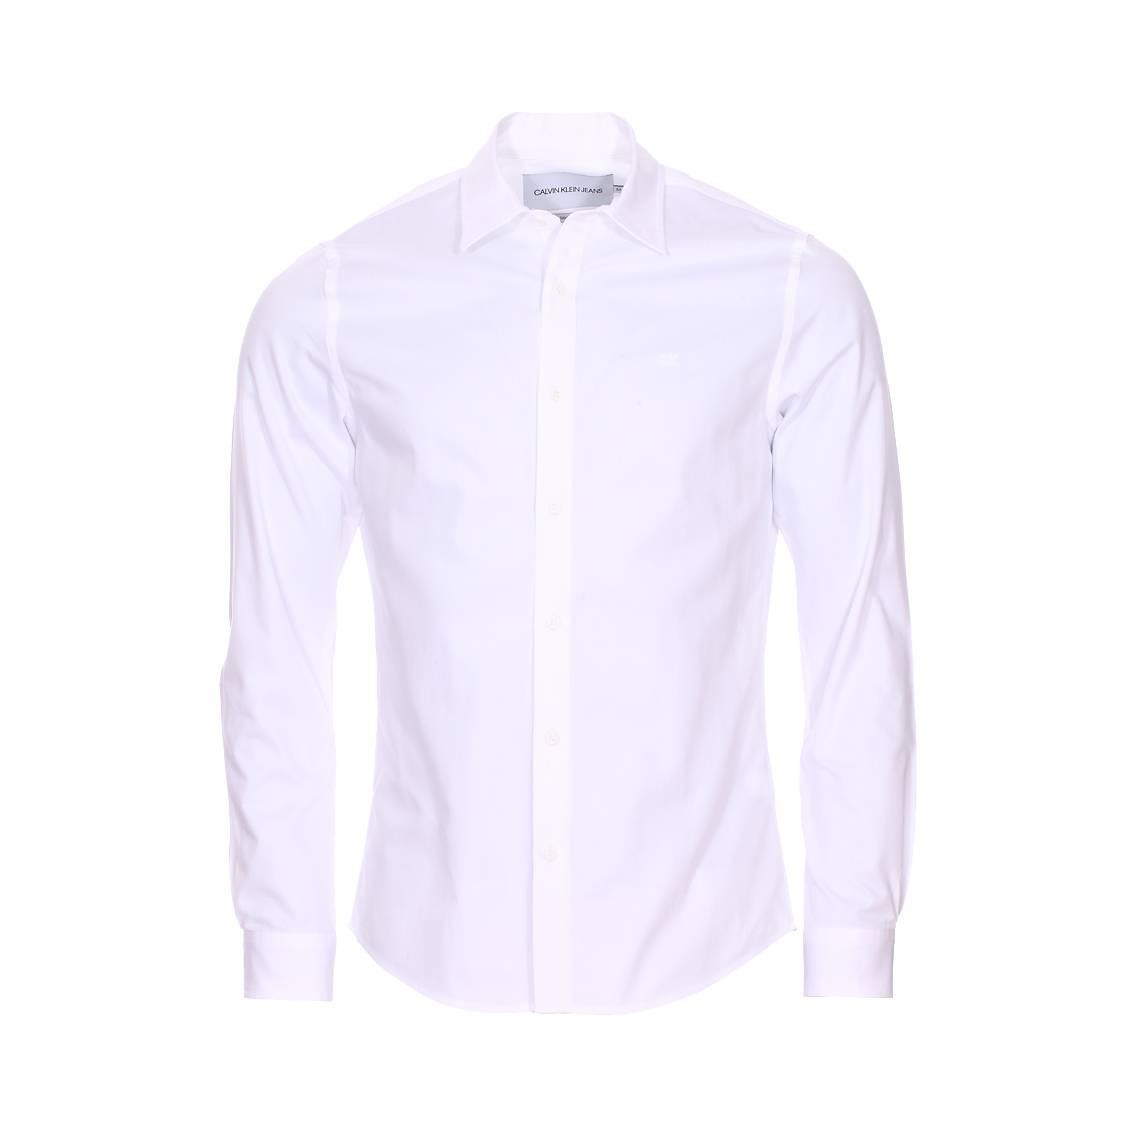 Chemise cintrée  embro twill en coton blanc brodée du logo